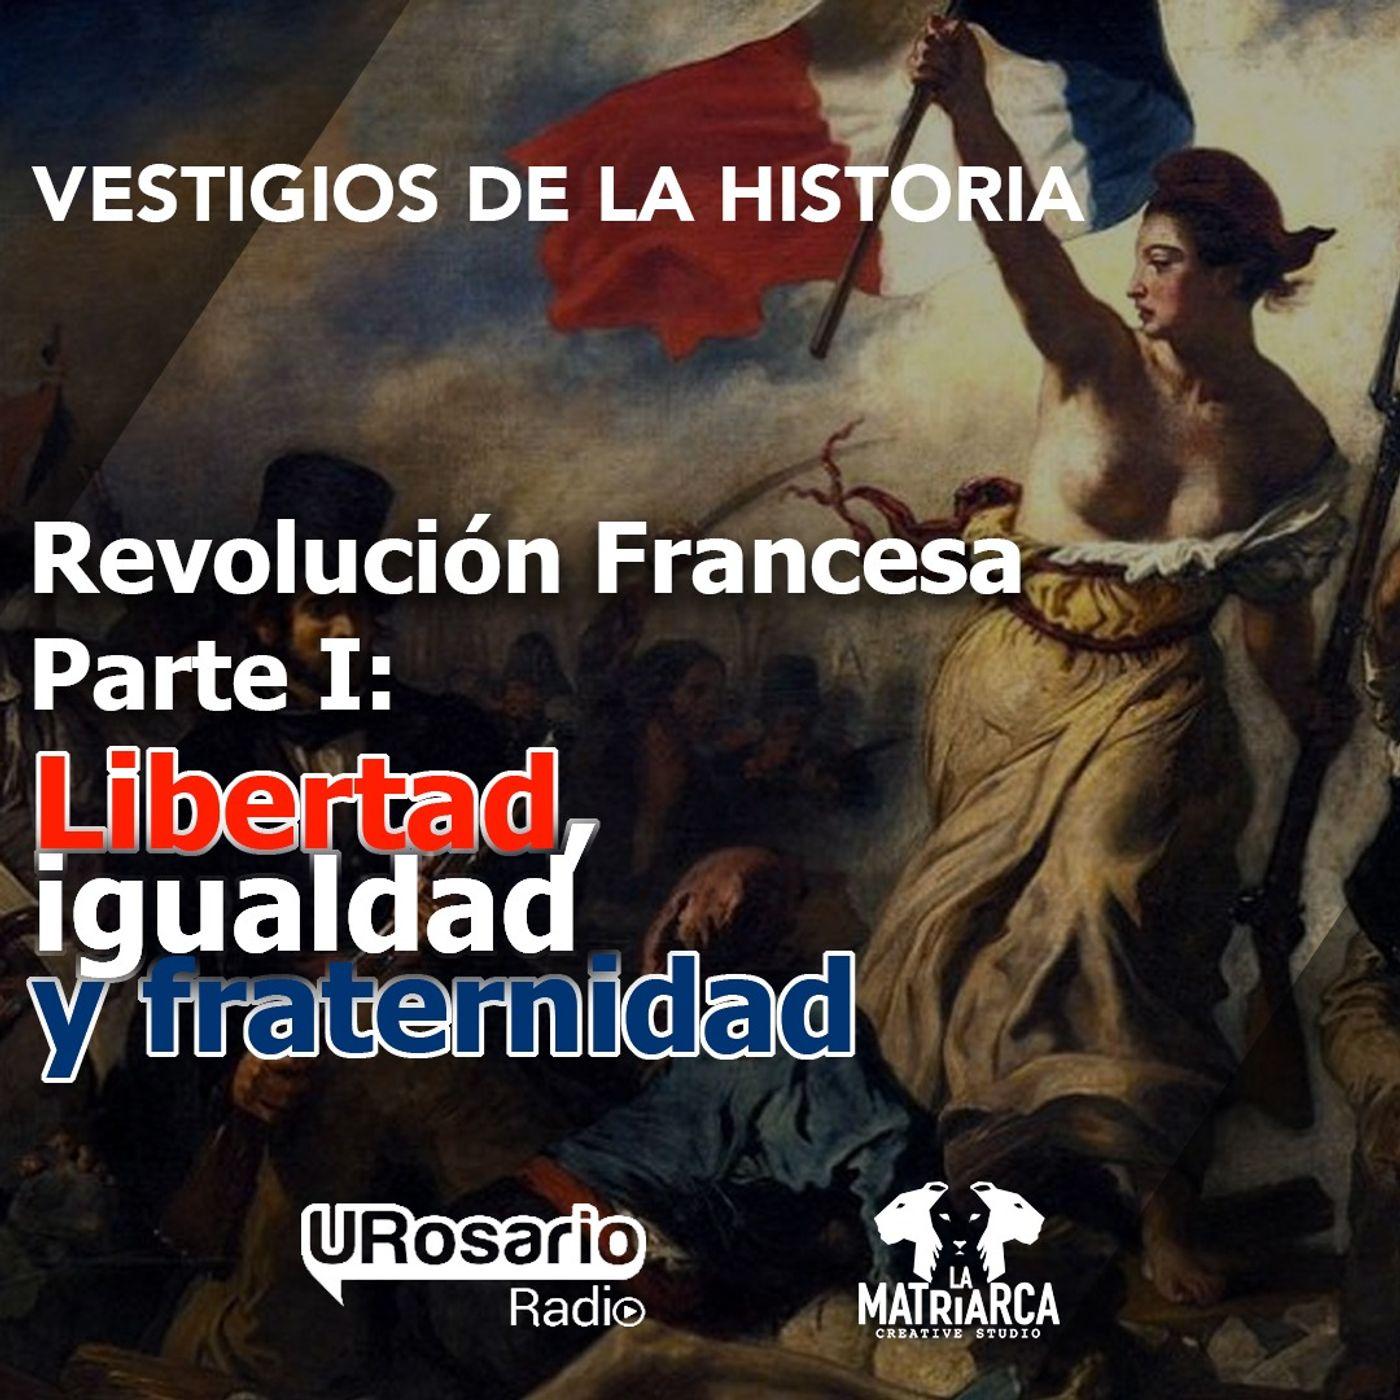 Revolución francesa - Parte I: Libertad, igualdad y fraternidad